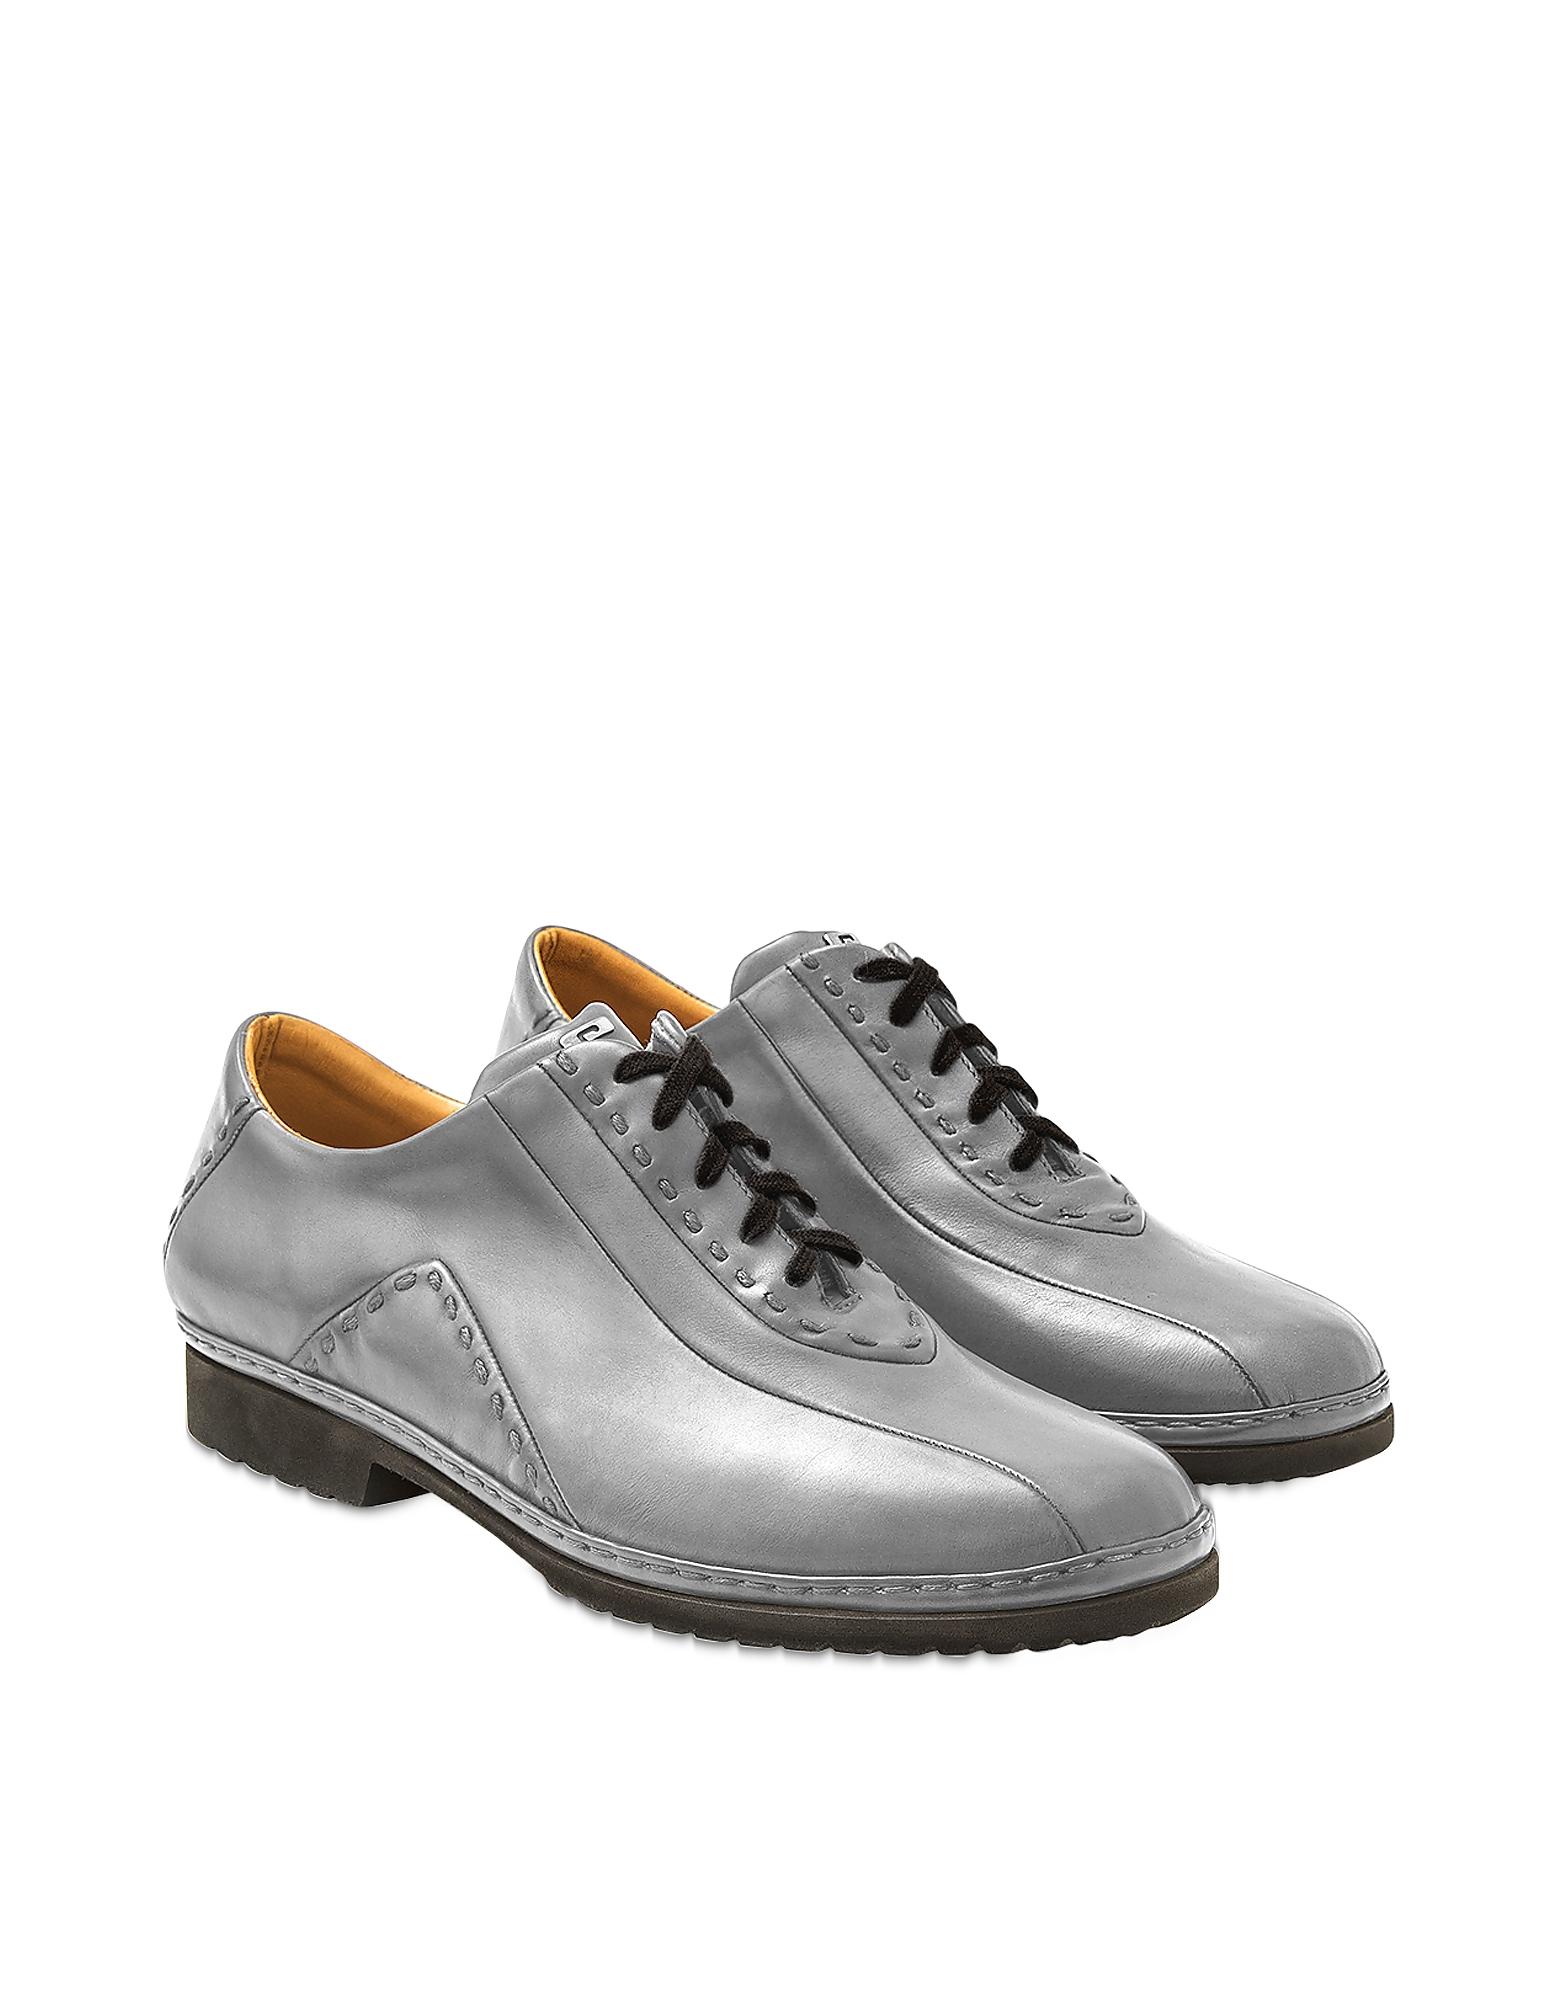 Gris italien Fabriqué à la Main en Cuir Lace-up Chaussures